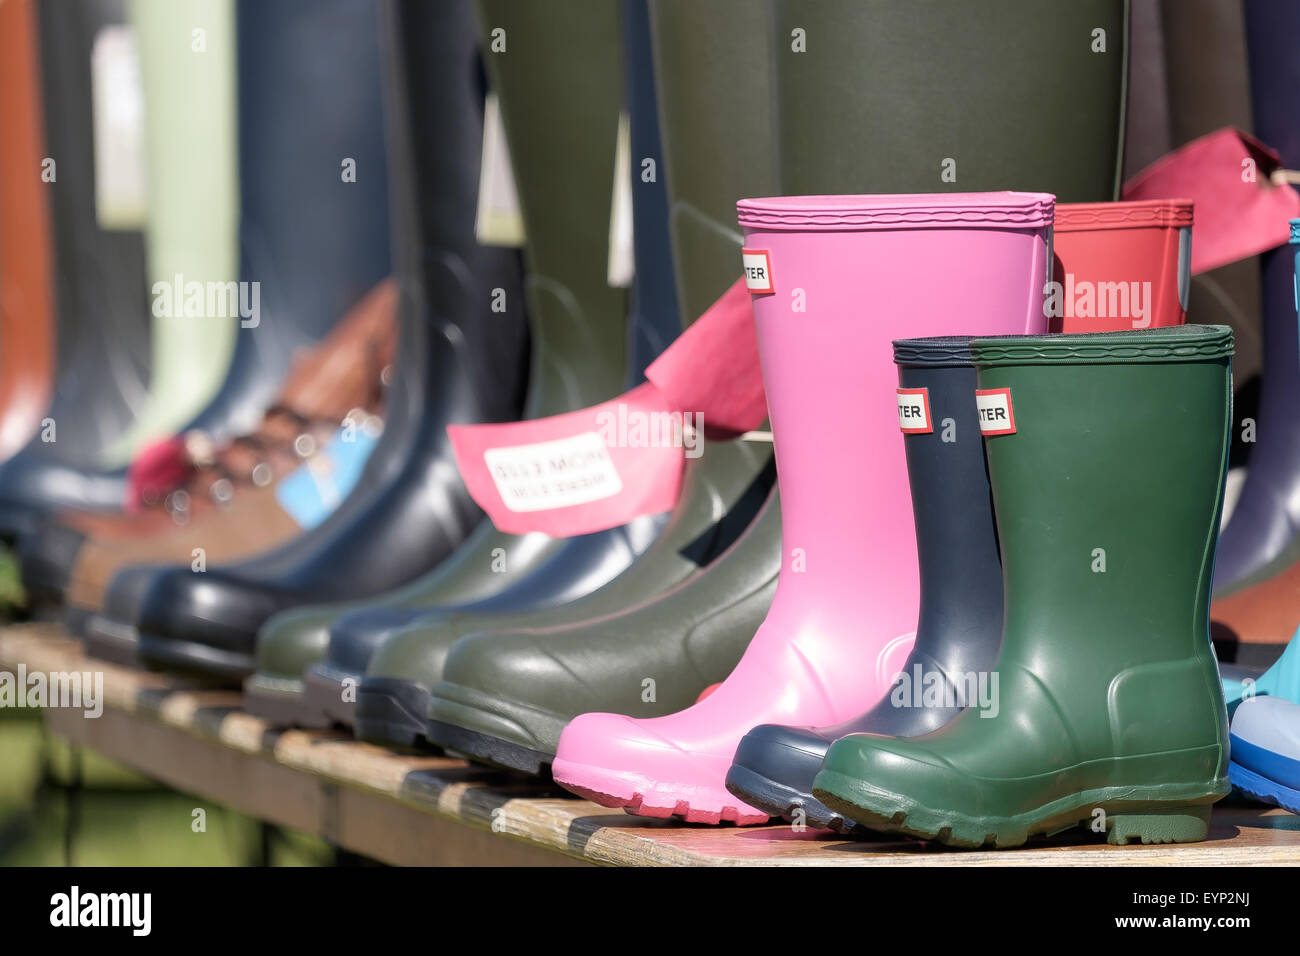 Hunter Wellies Imágenes De Stock & Hunter Wellies Fotos De Stock - Alamy